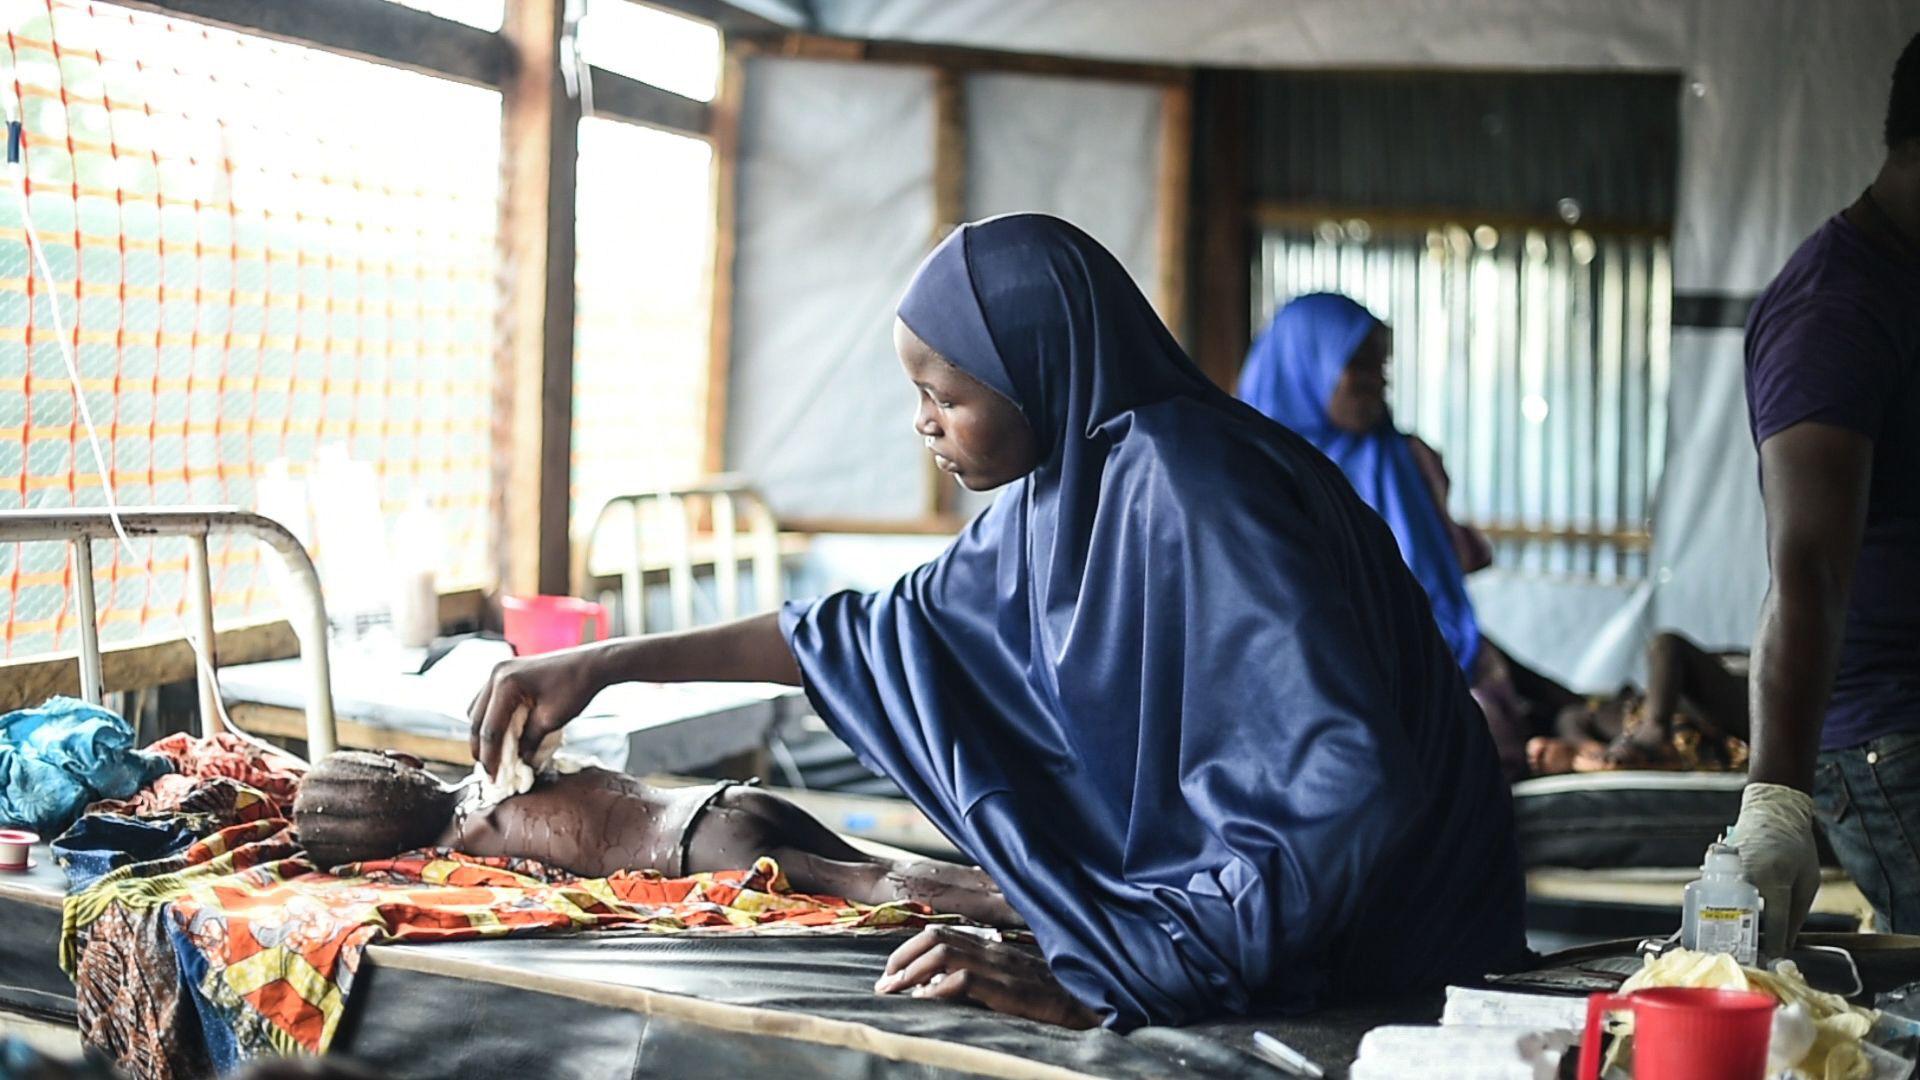 ESTADO DE BORNO, NIGERIA: Una madre colocando un trapo húmedo en el cuerpo de su hija para intentar bajar la fiebre en la sala de aislamiento del hospital general en Damboa, en el estado de Borno, en Nigeria. Su hija está siendo atendida por un sarampión con complicaciones. Los casos más severos son referidos al hospital en Biu, a dos horas de camino en auto (©Ikram N'gadi)